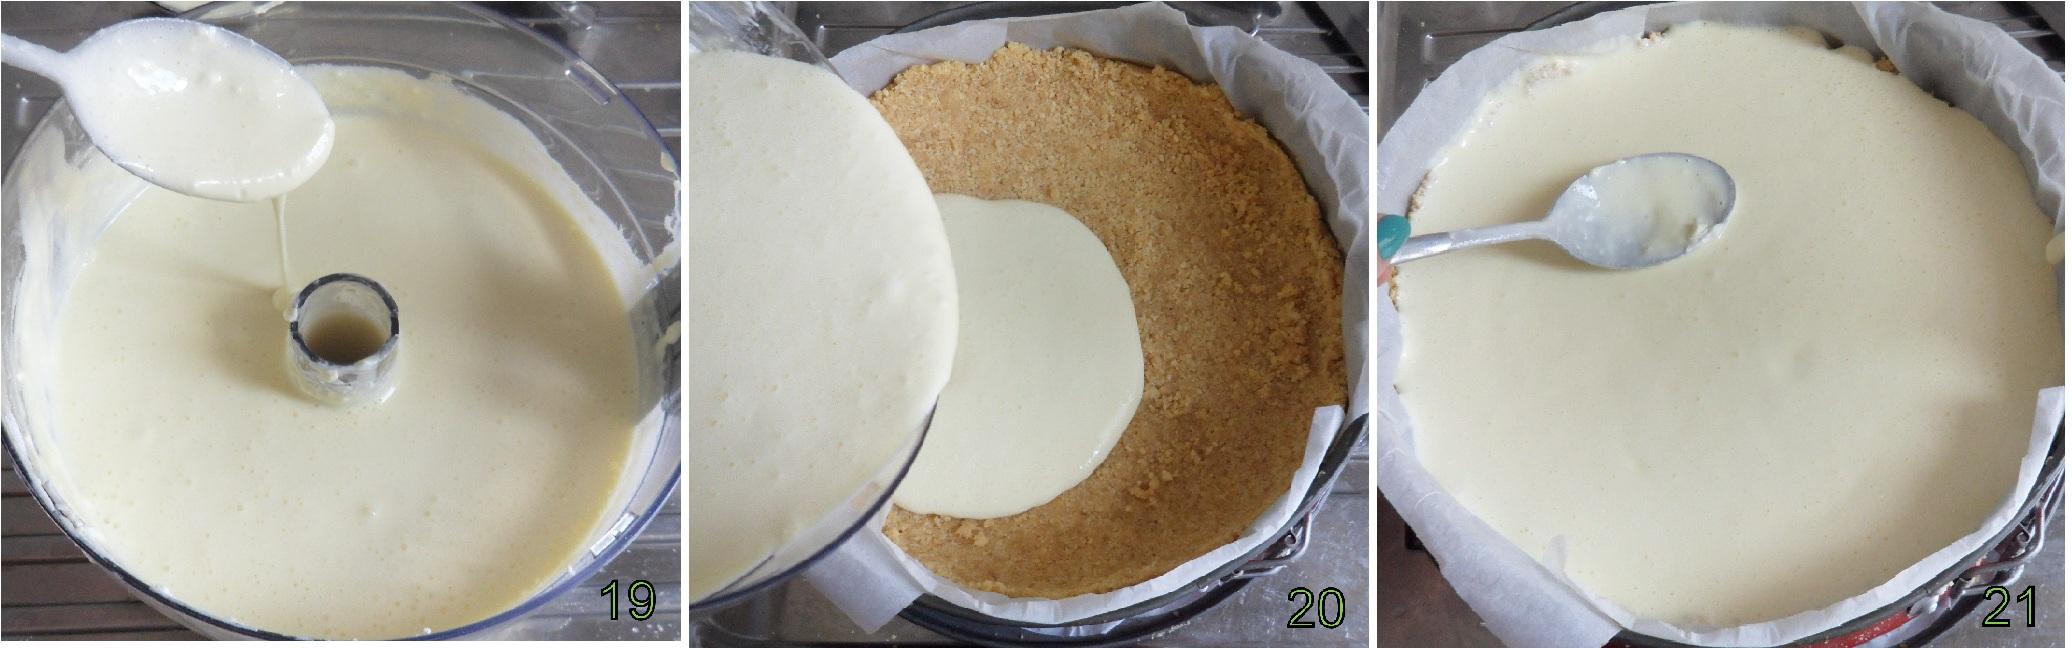 New york cheesecake alle amarene ricetta al forno il chicco di mais 7